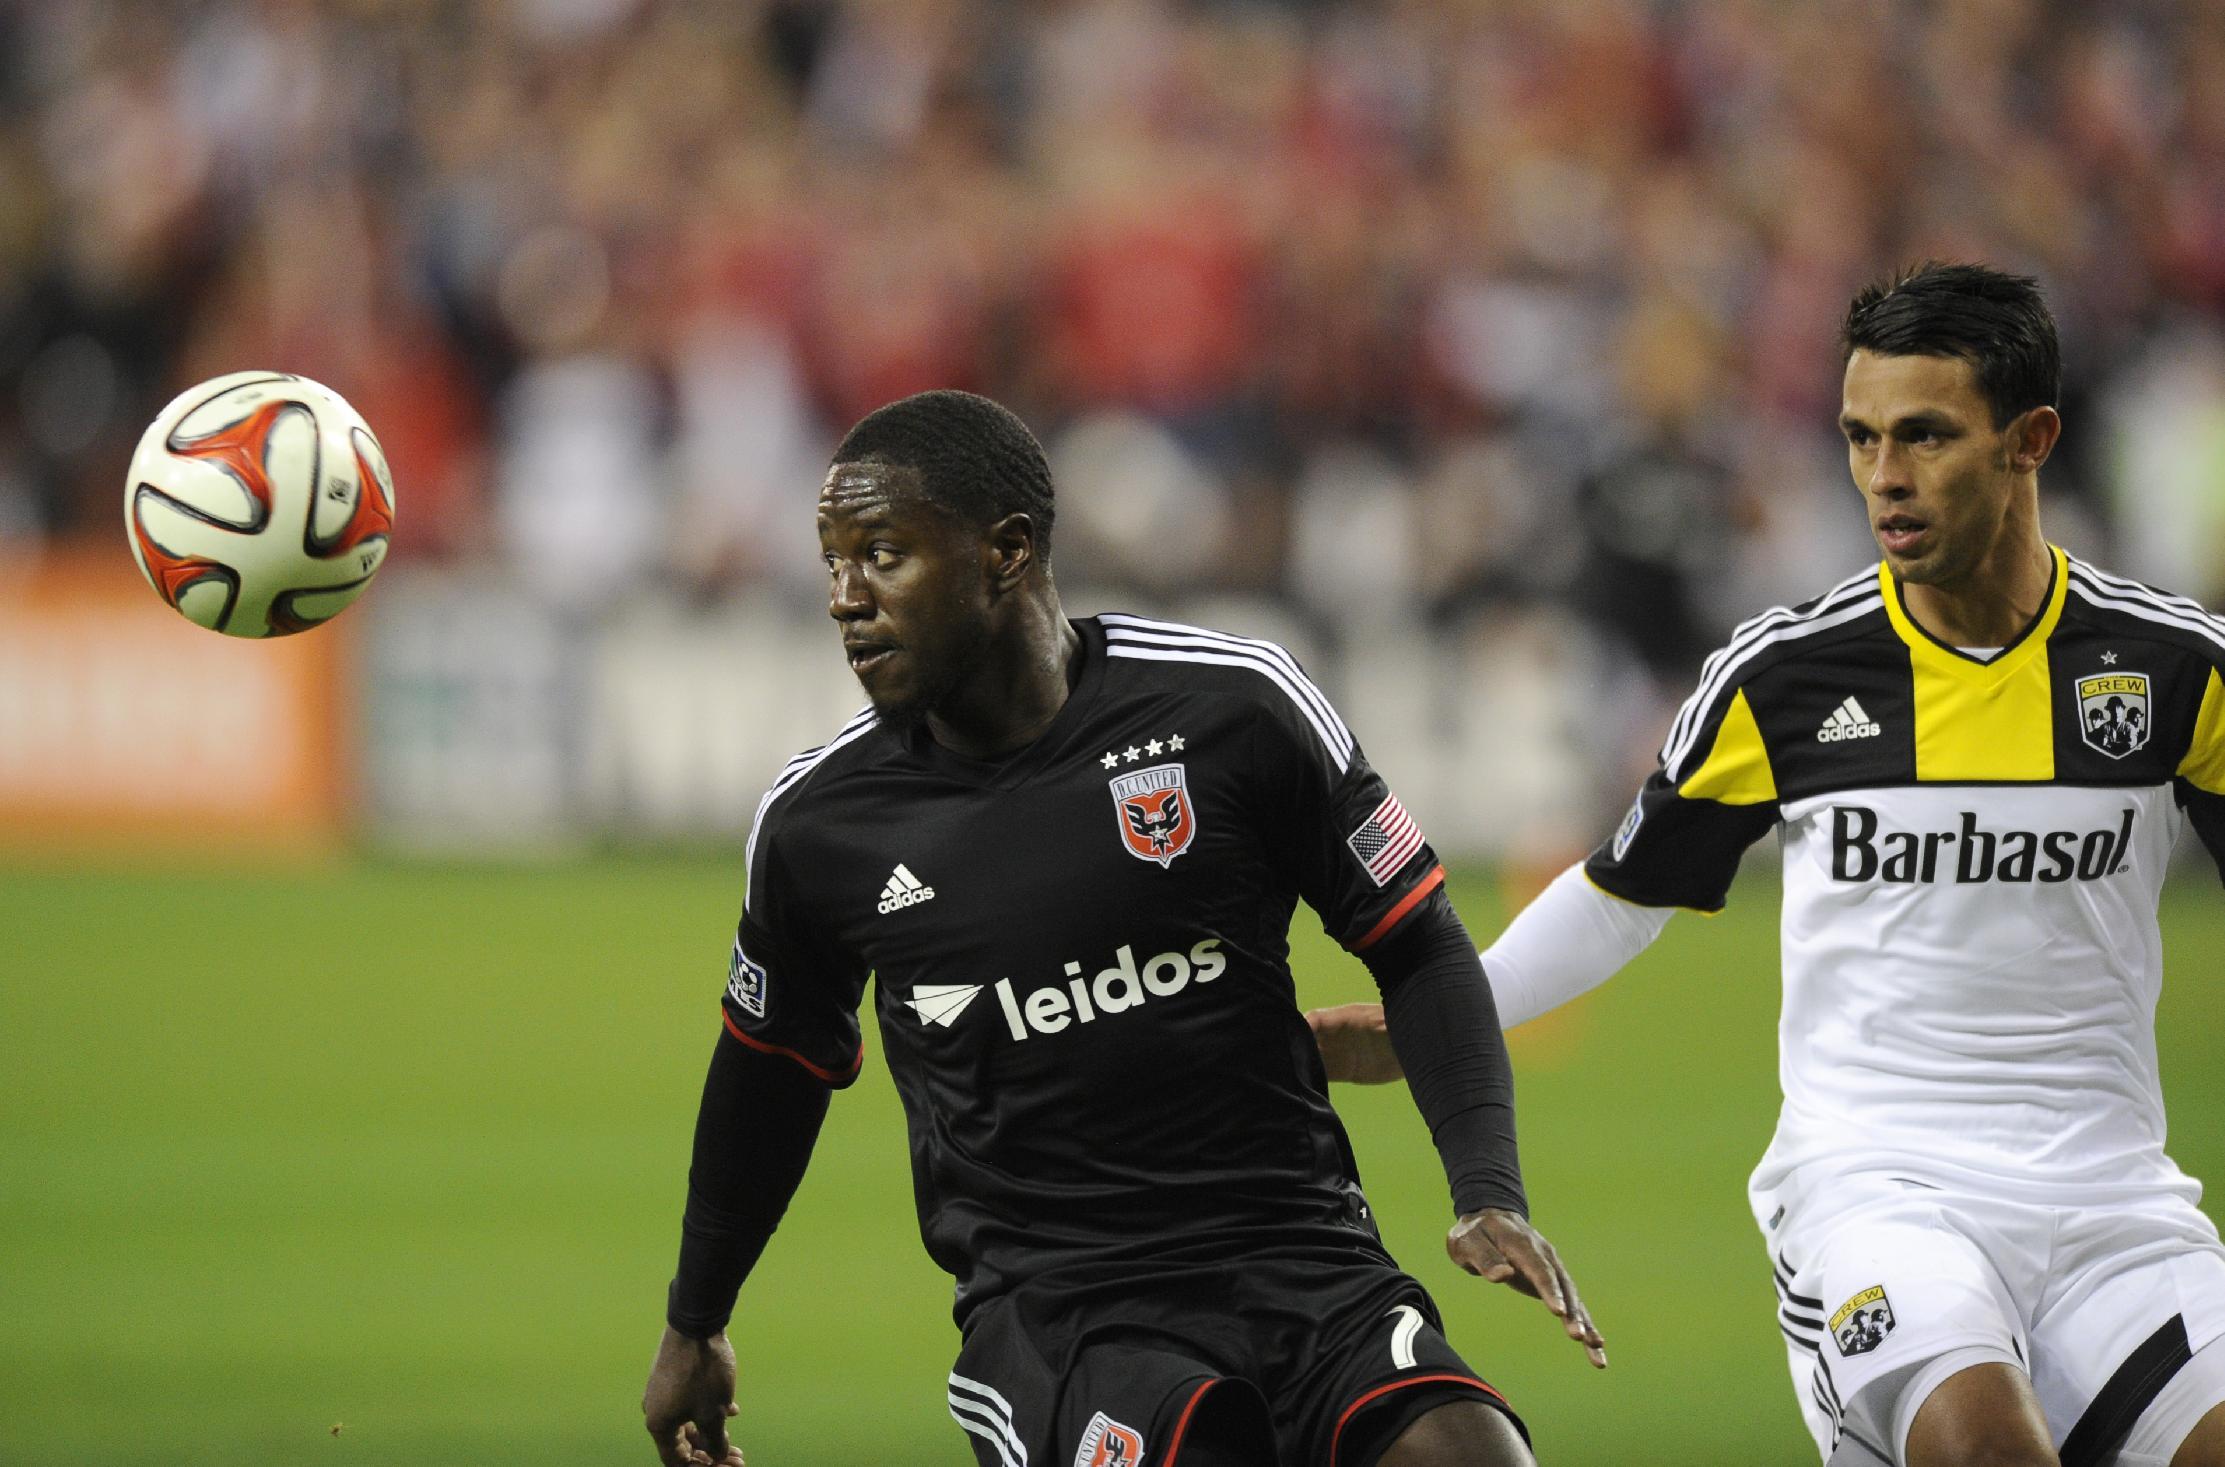 MLS fines Crew defender Gonzalez for embellishment